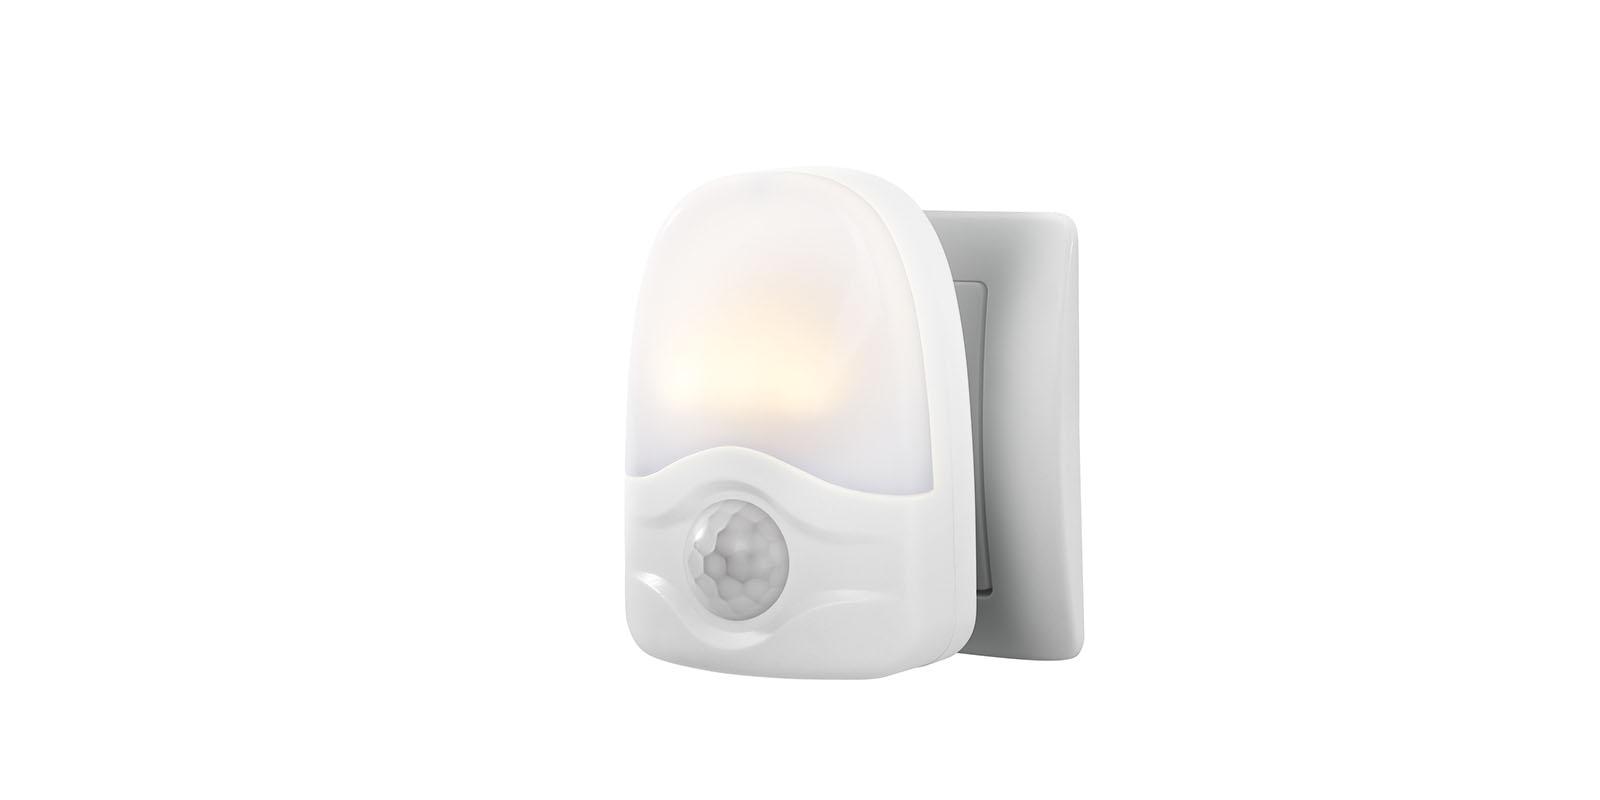 nachtlicht led warmweiss mit bewegungsmelder steckdosenlicht orientierungs nacht ebay. Black Bedroom Furniture Sets. Home Design Ideas